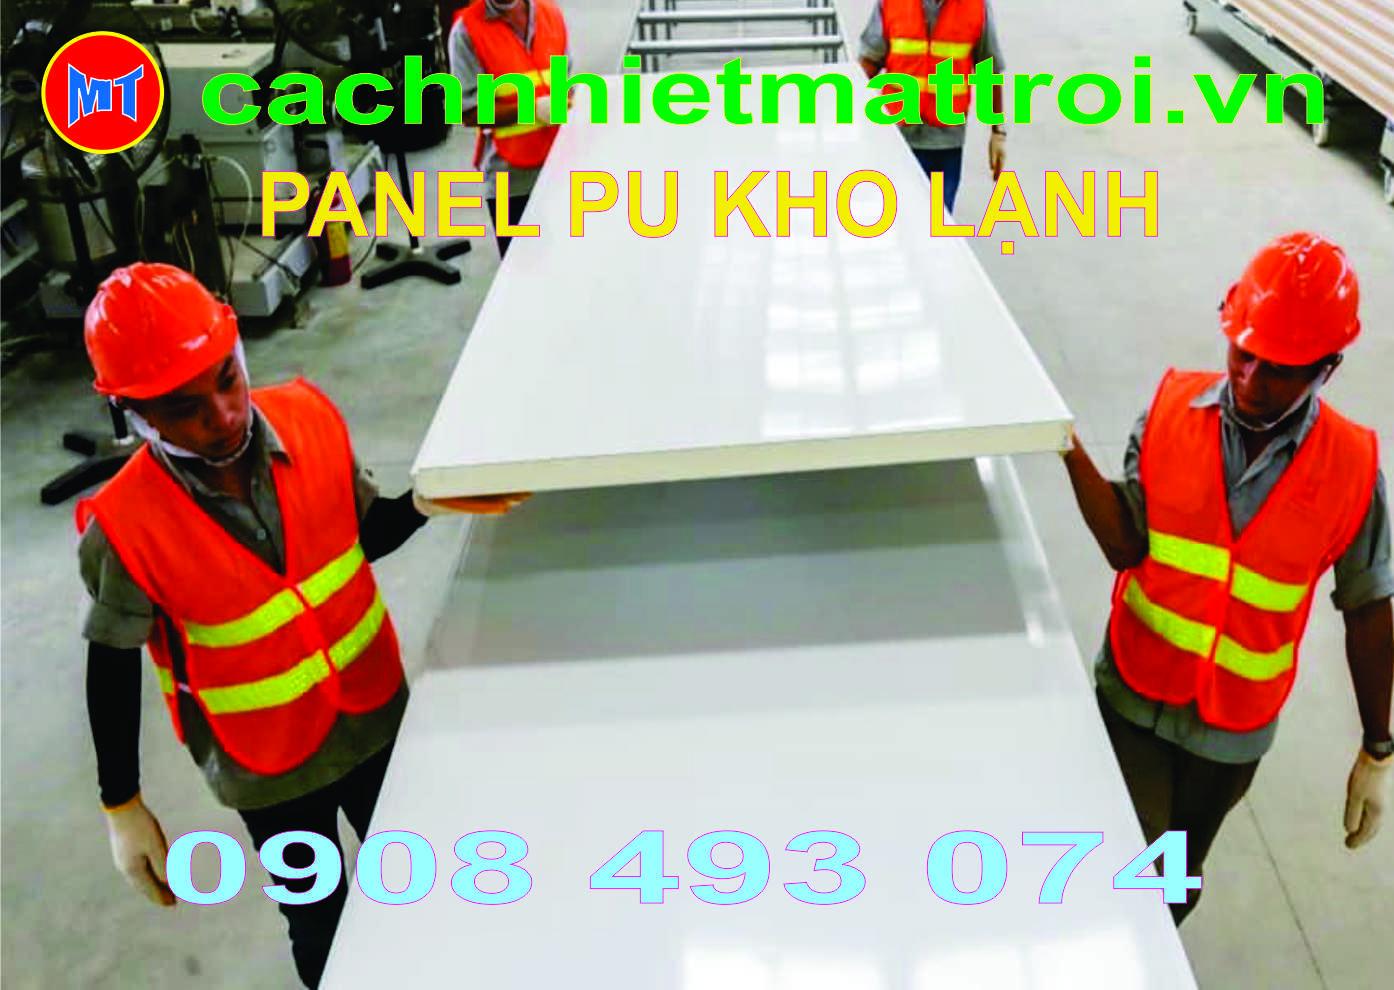 hình 2 PANEL PU KHO LẠNH PHÒNG SẠCH